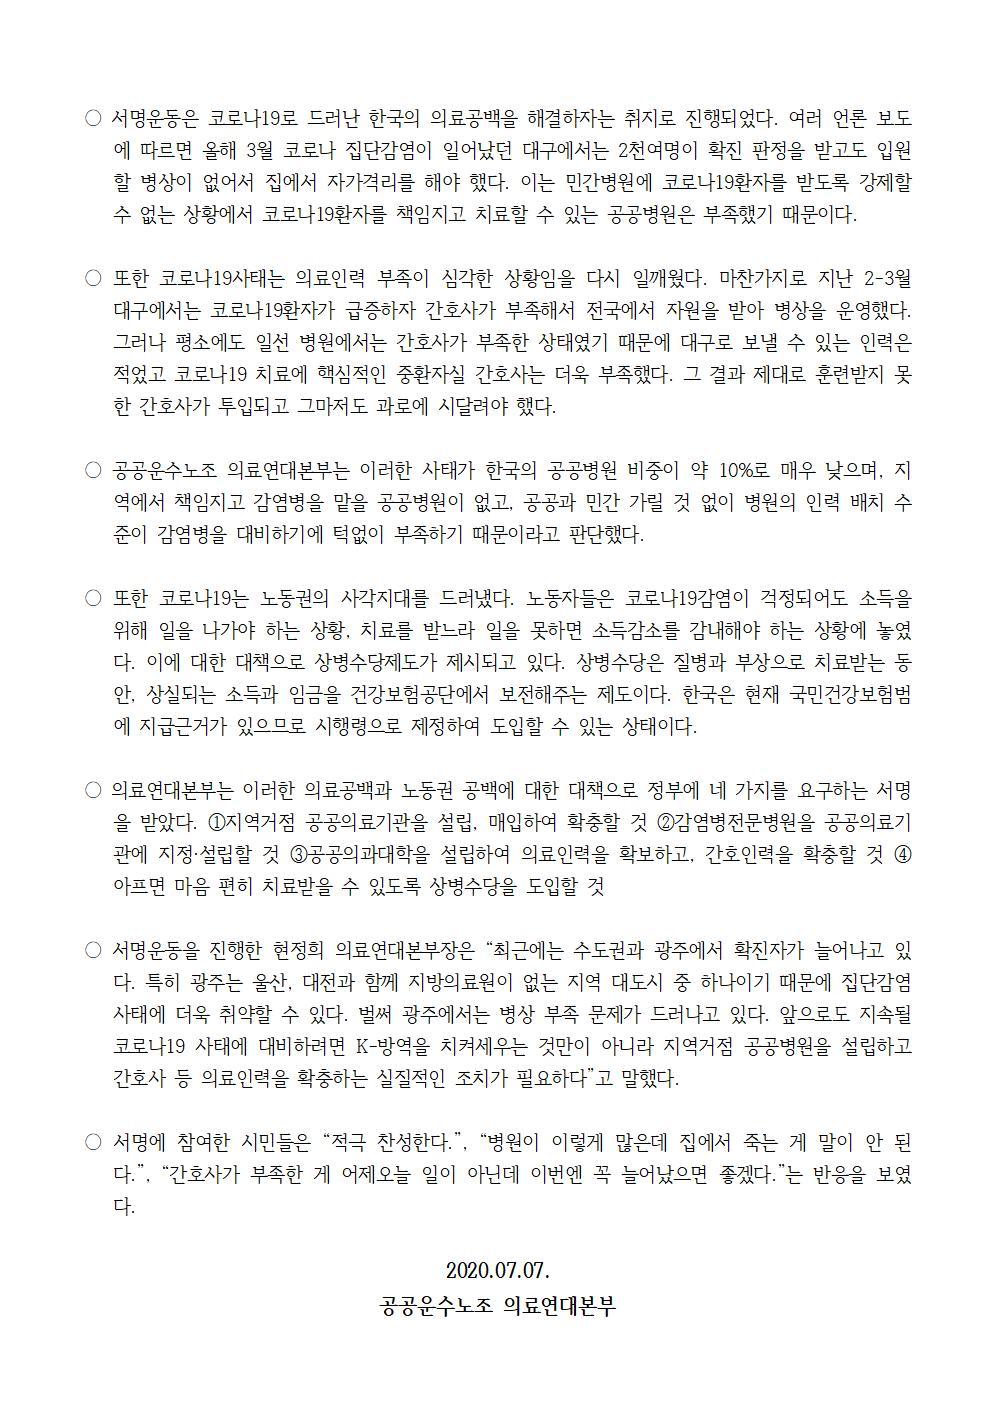 20200707보도자료_서울대병원 앞에서 공공병원과 인력 확충을 위한 서명운동 선전전과 캠페인 시작002.jpg